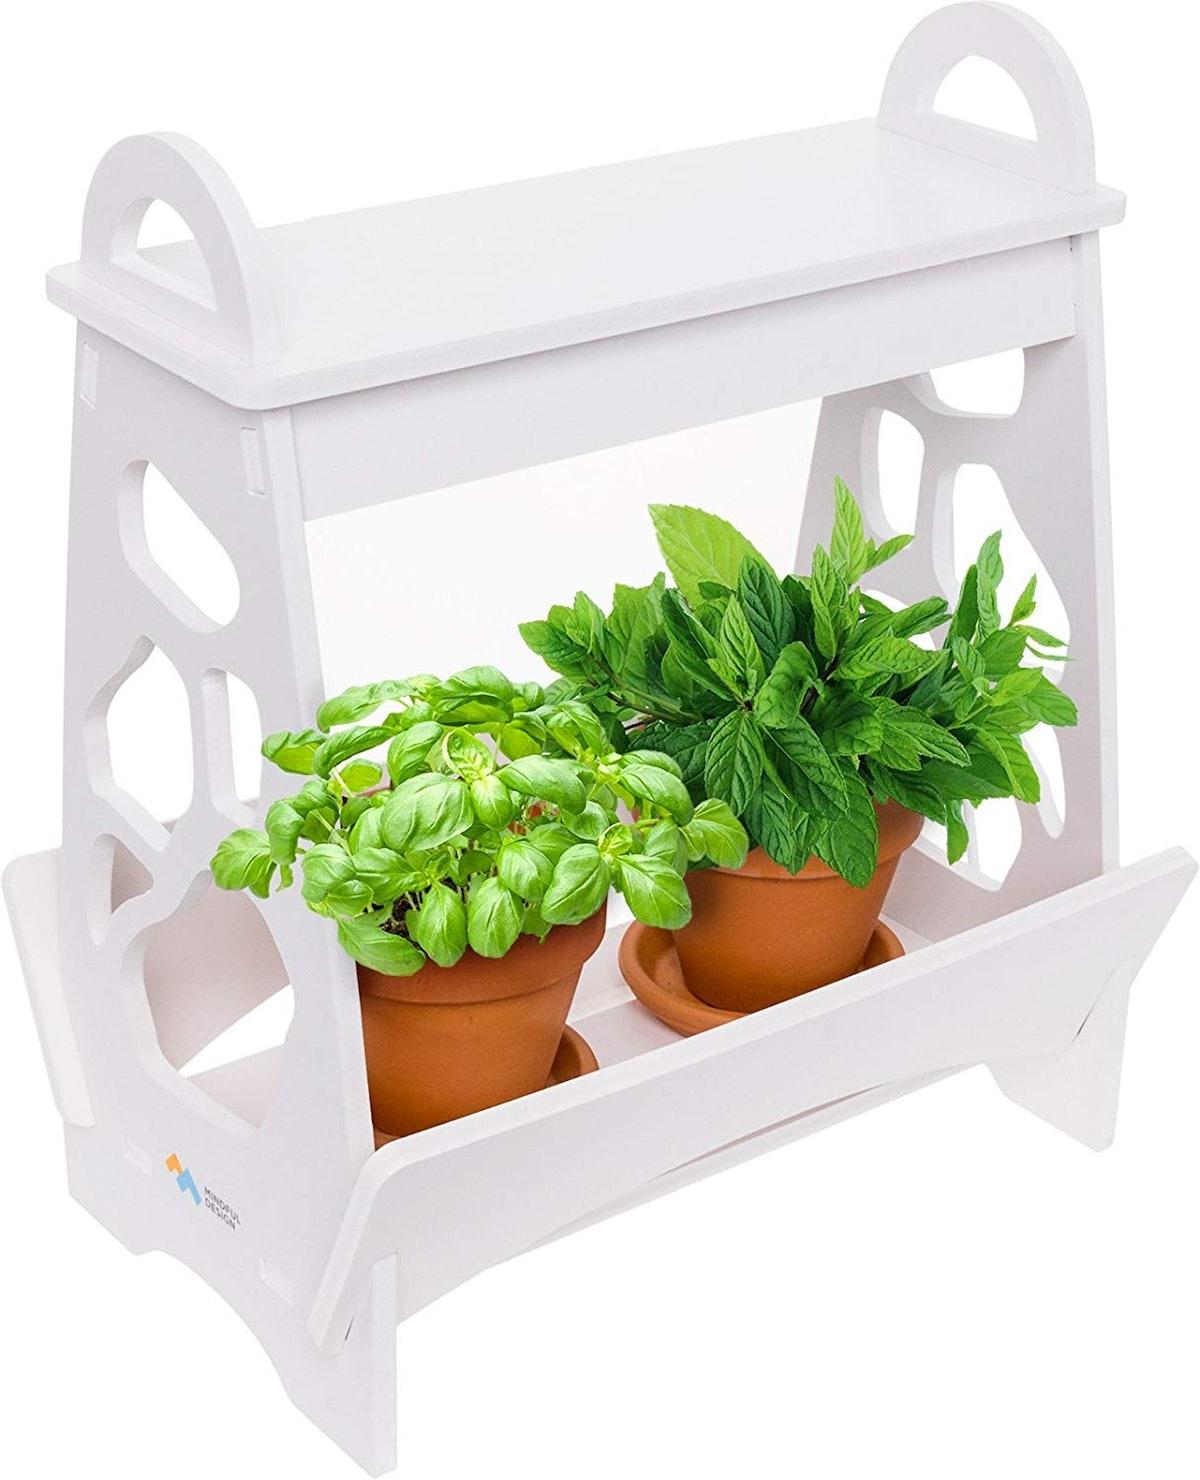 Mindful Design Indoor Herb Garden